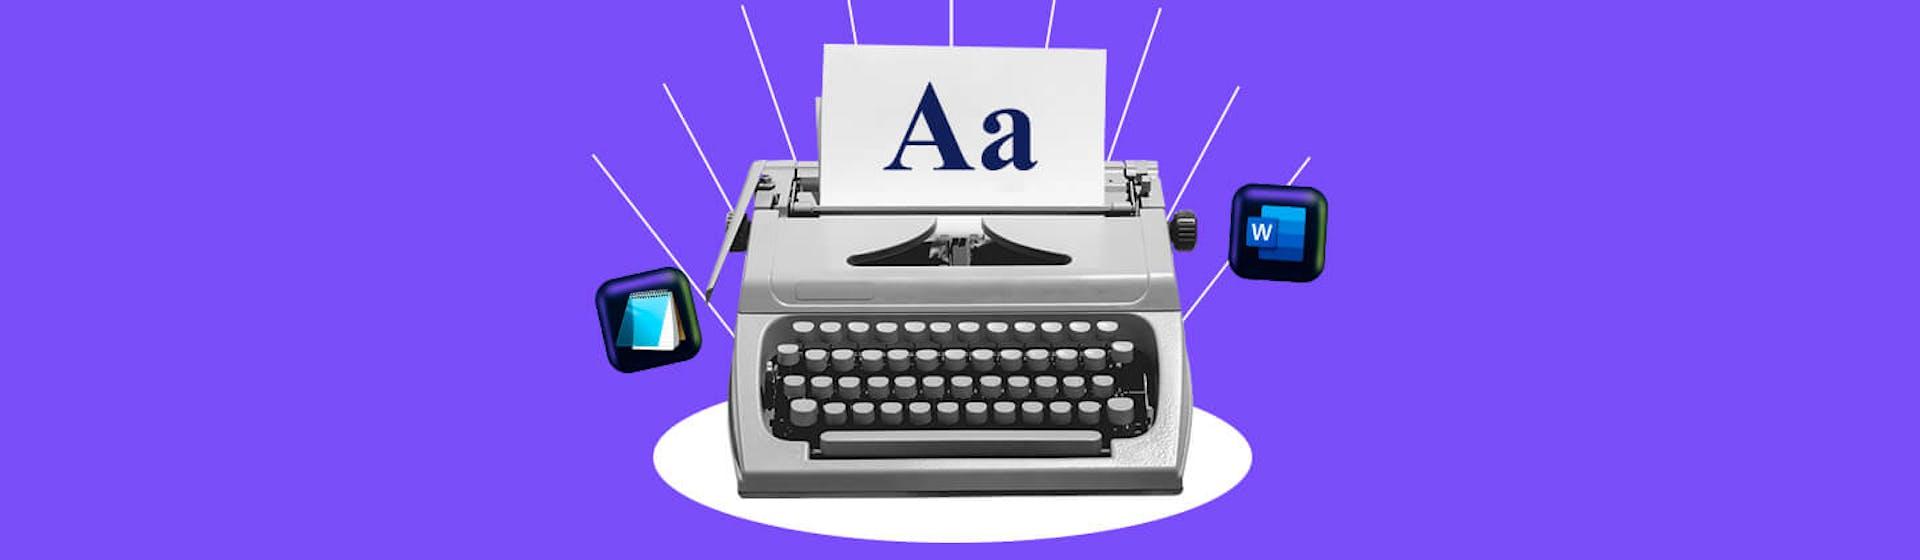 ¿Qué es un procesador de textos? ¡No sufras más editando tus documentos!